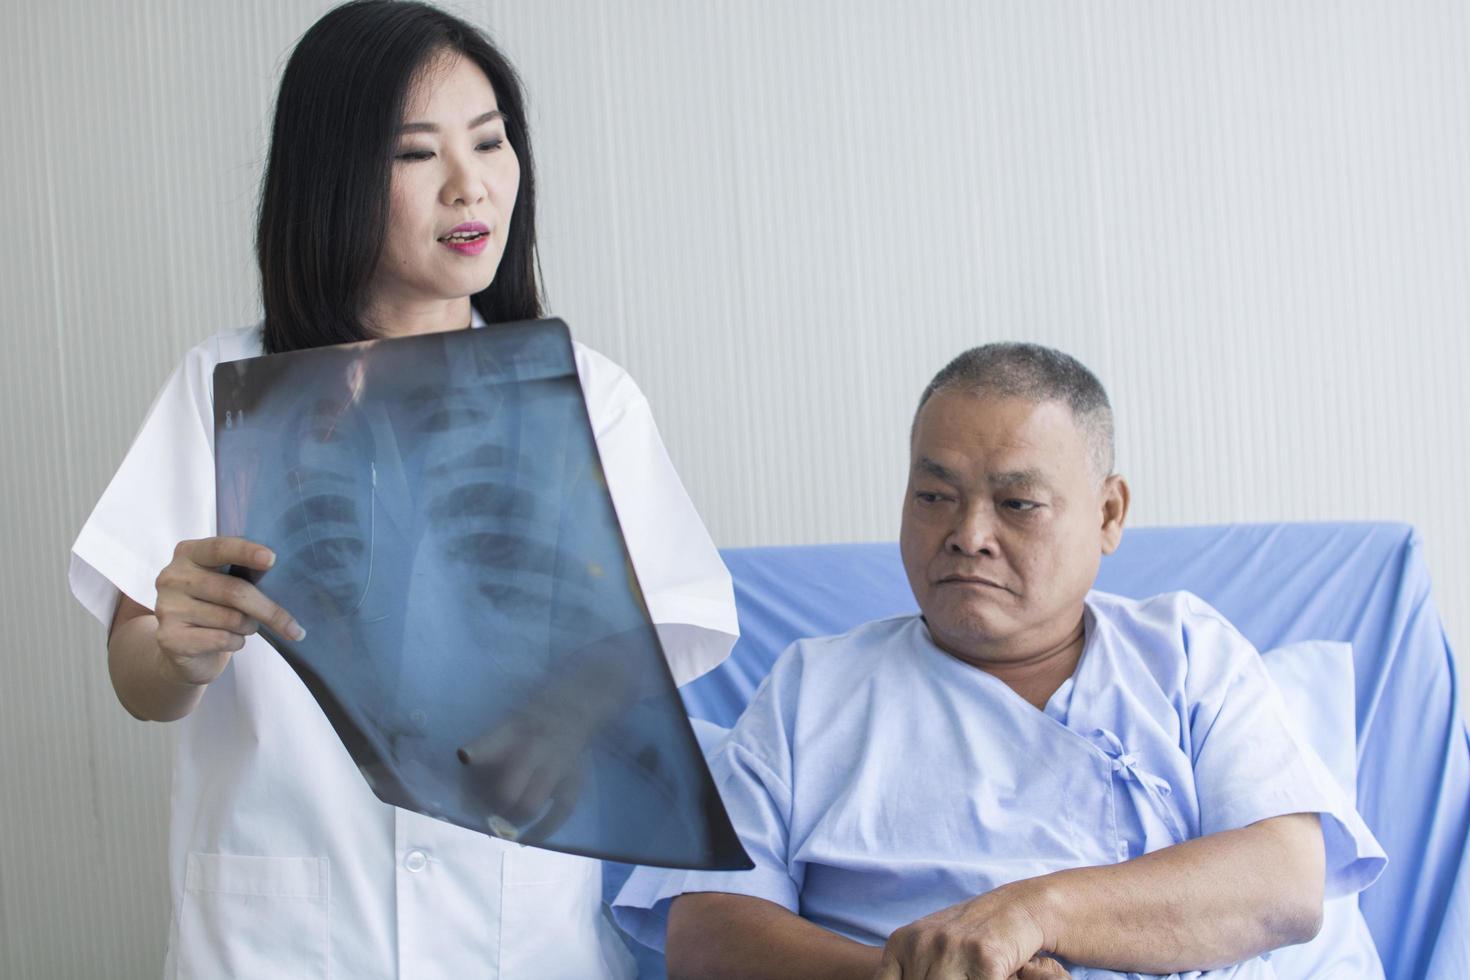 Arzt zeigt dem Patienten Röntgen foto